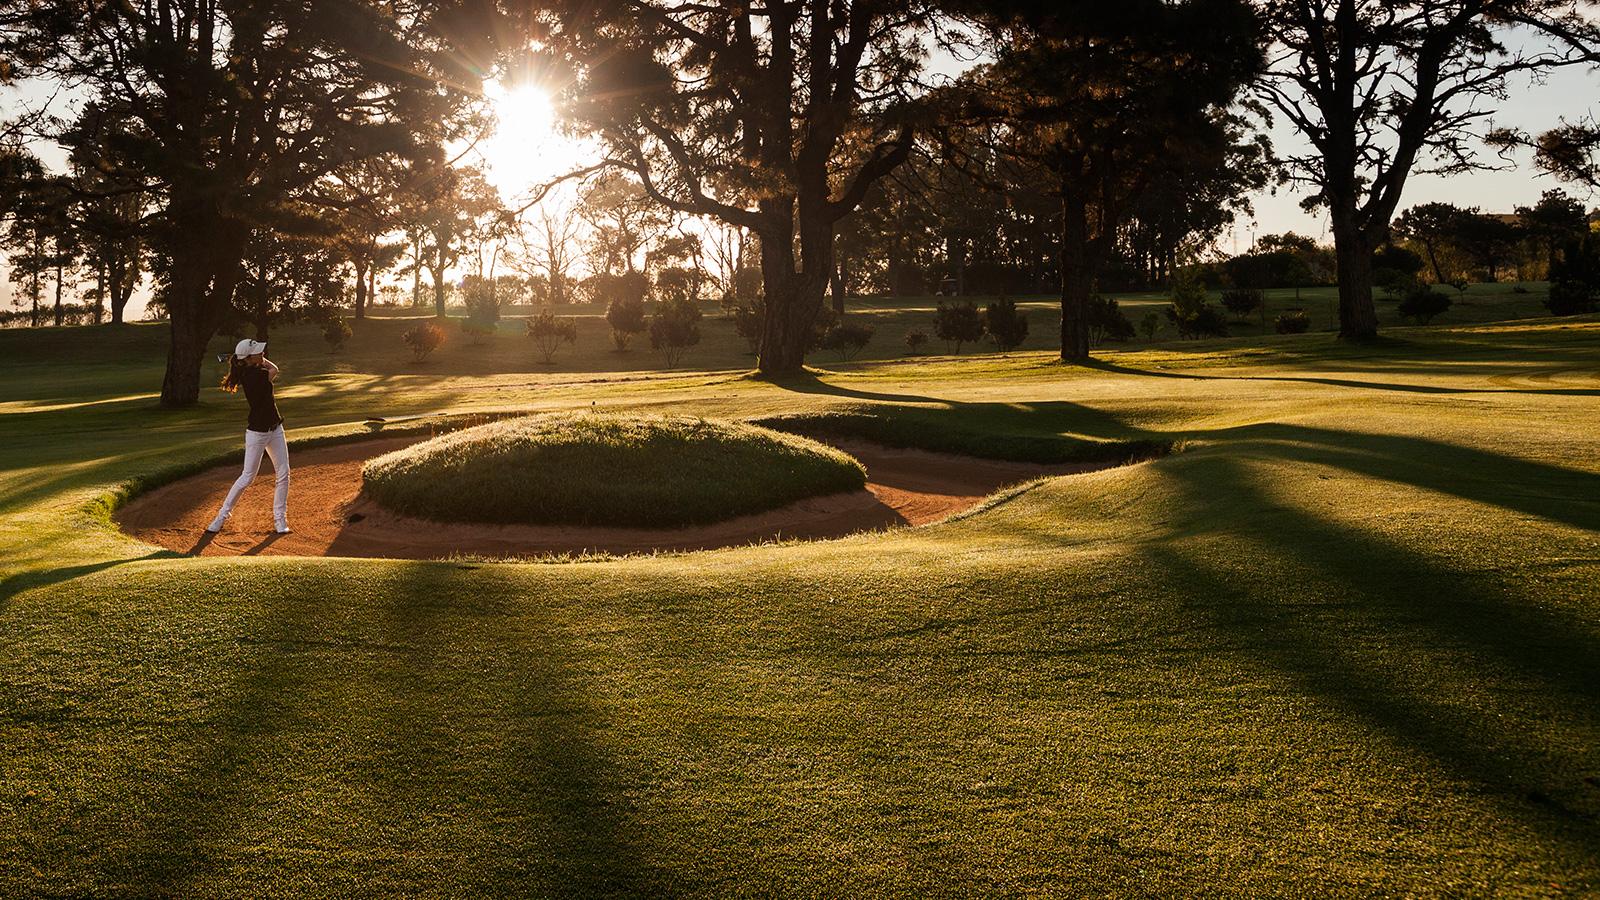 El Real Club de Golf de Tenerife decide discontinuar su propia app y apostar por la solución Clapphouse